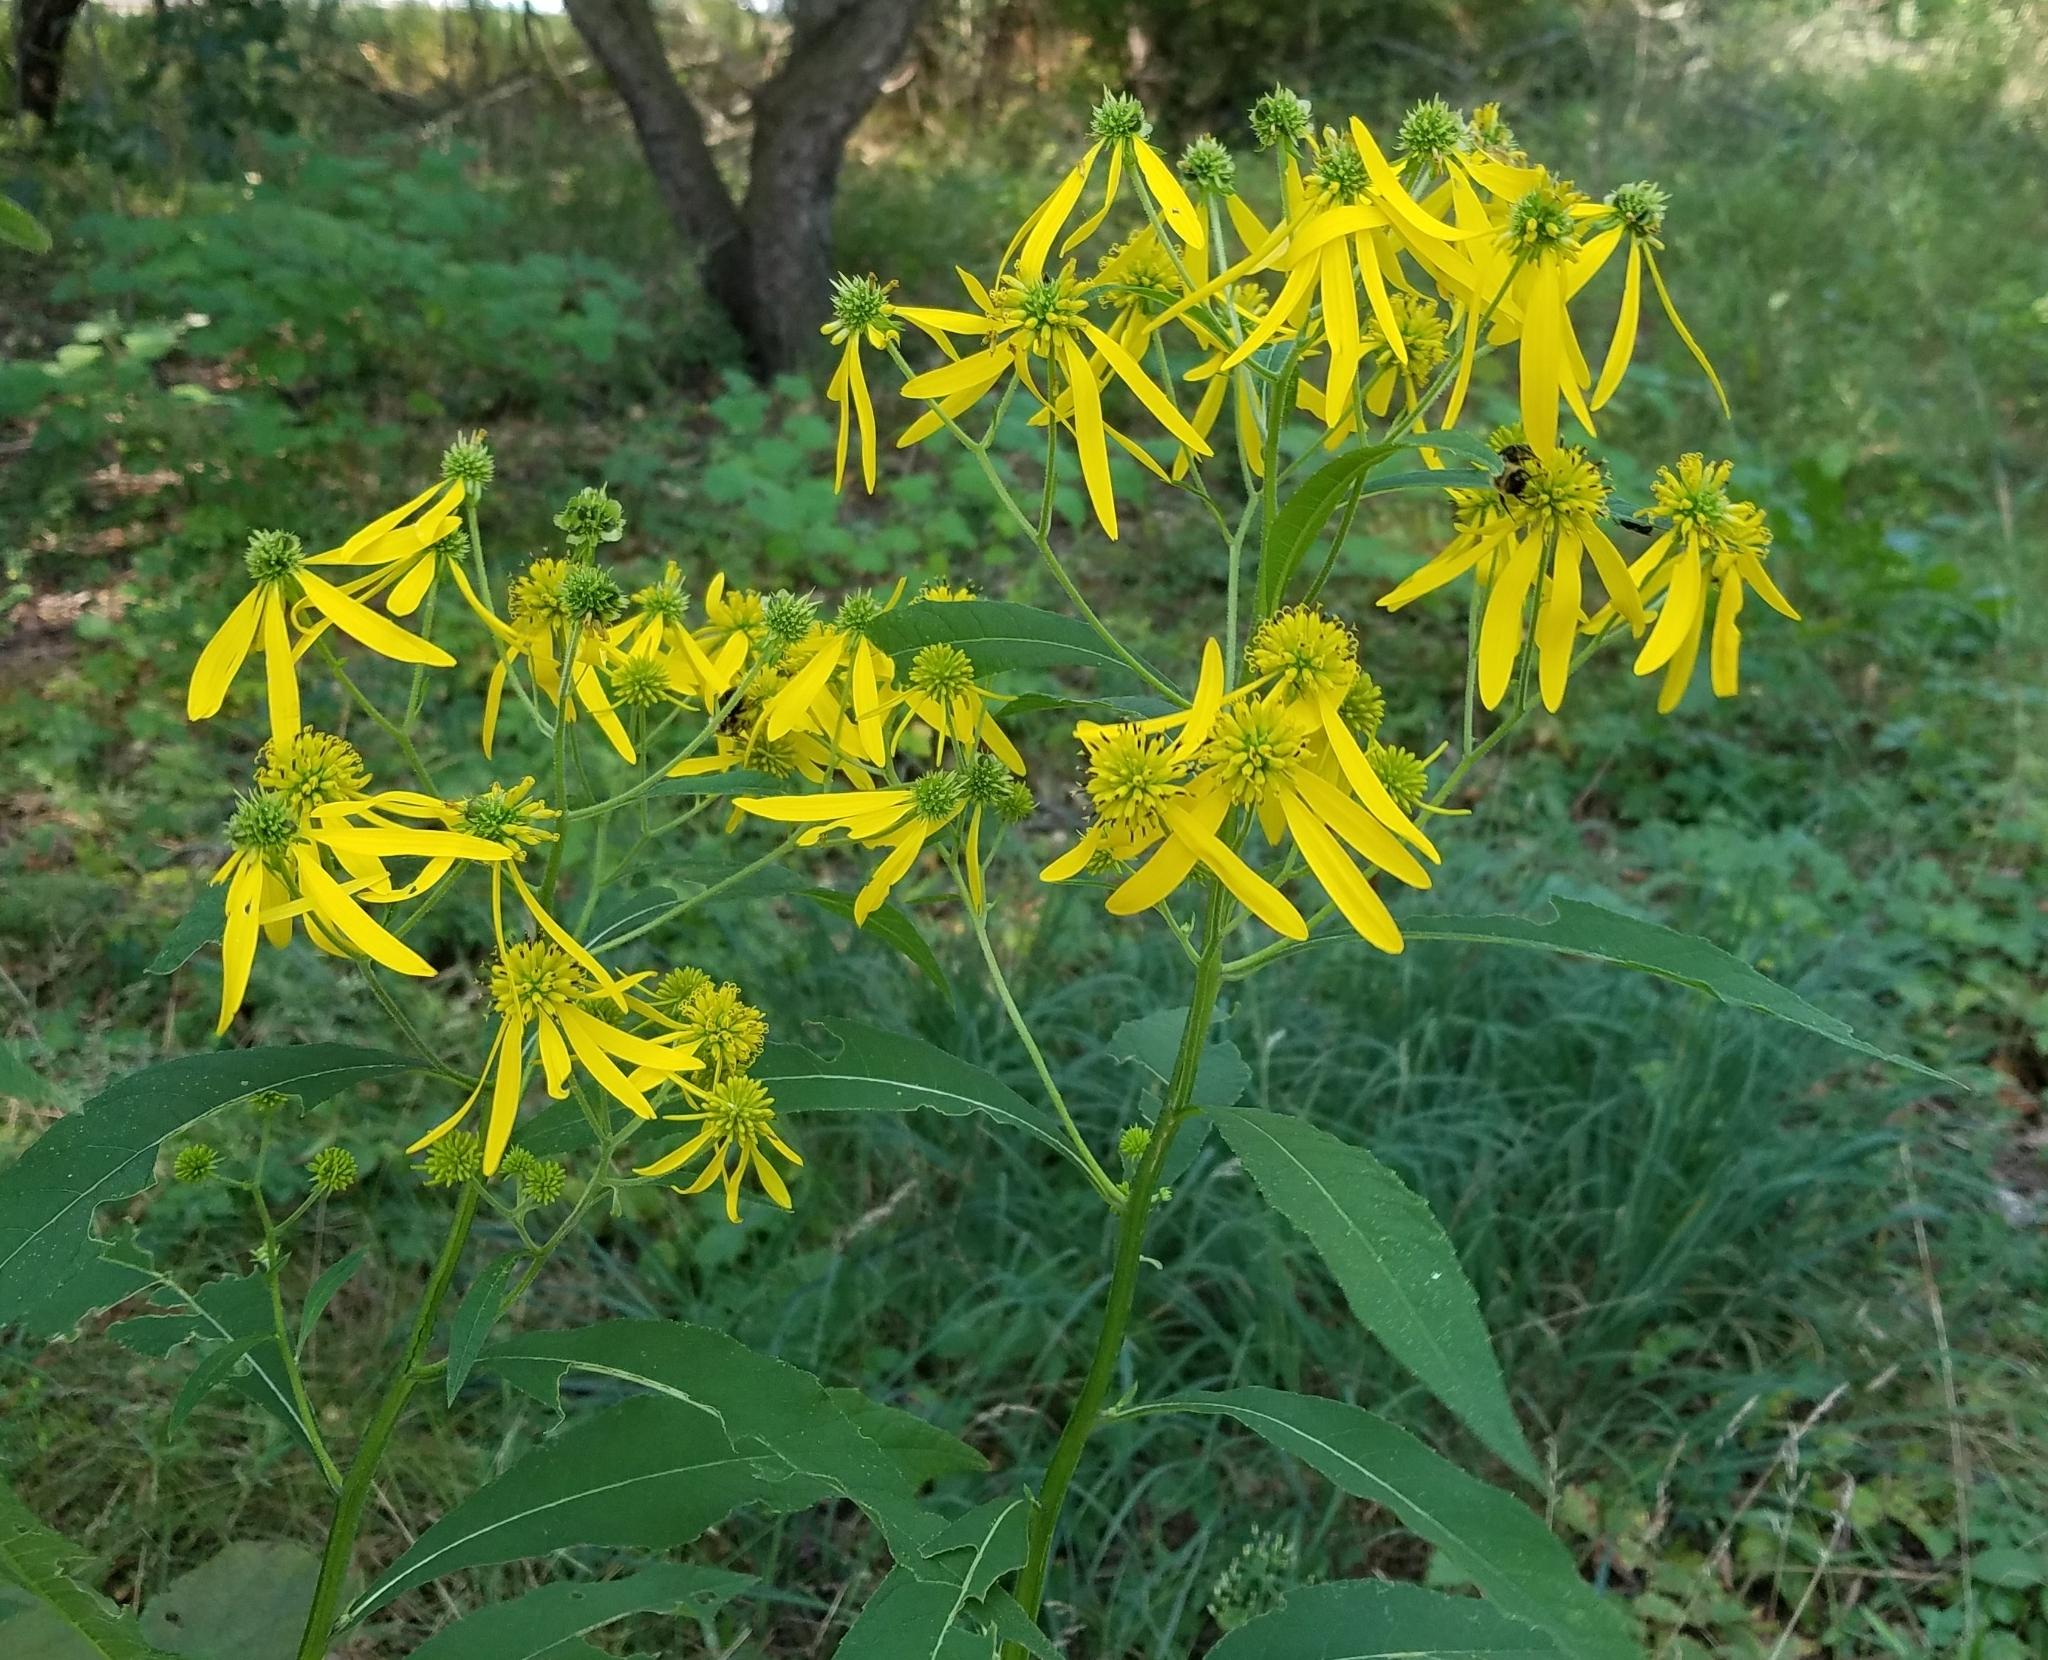 Cutleaf Coneflower - Rudbeckia laciniata - Wildwood